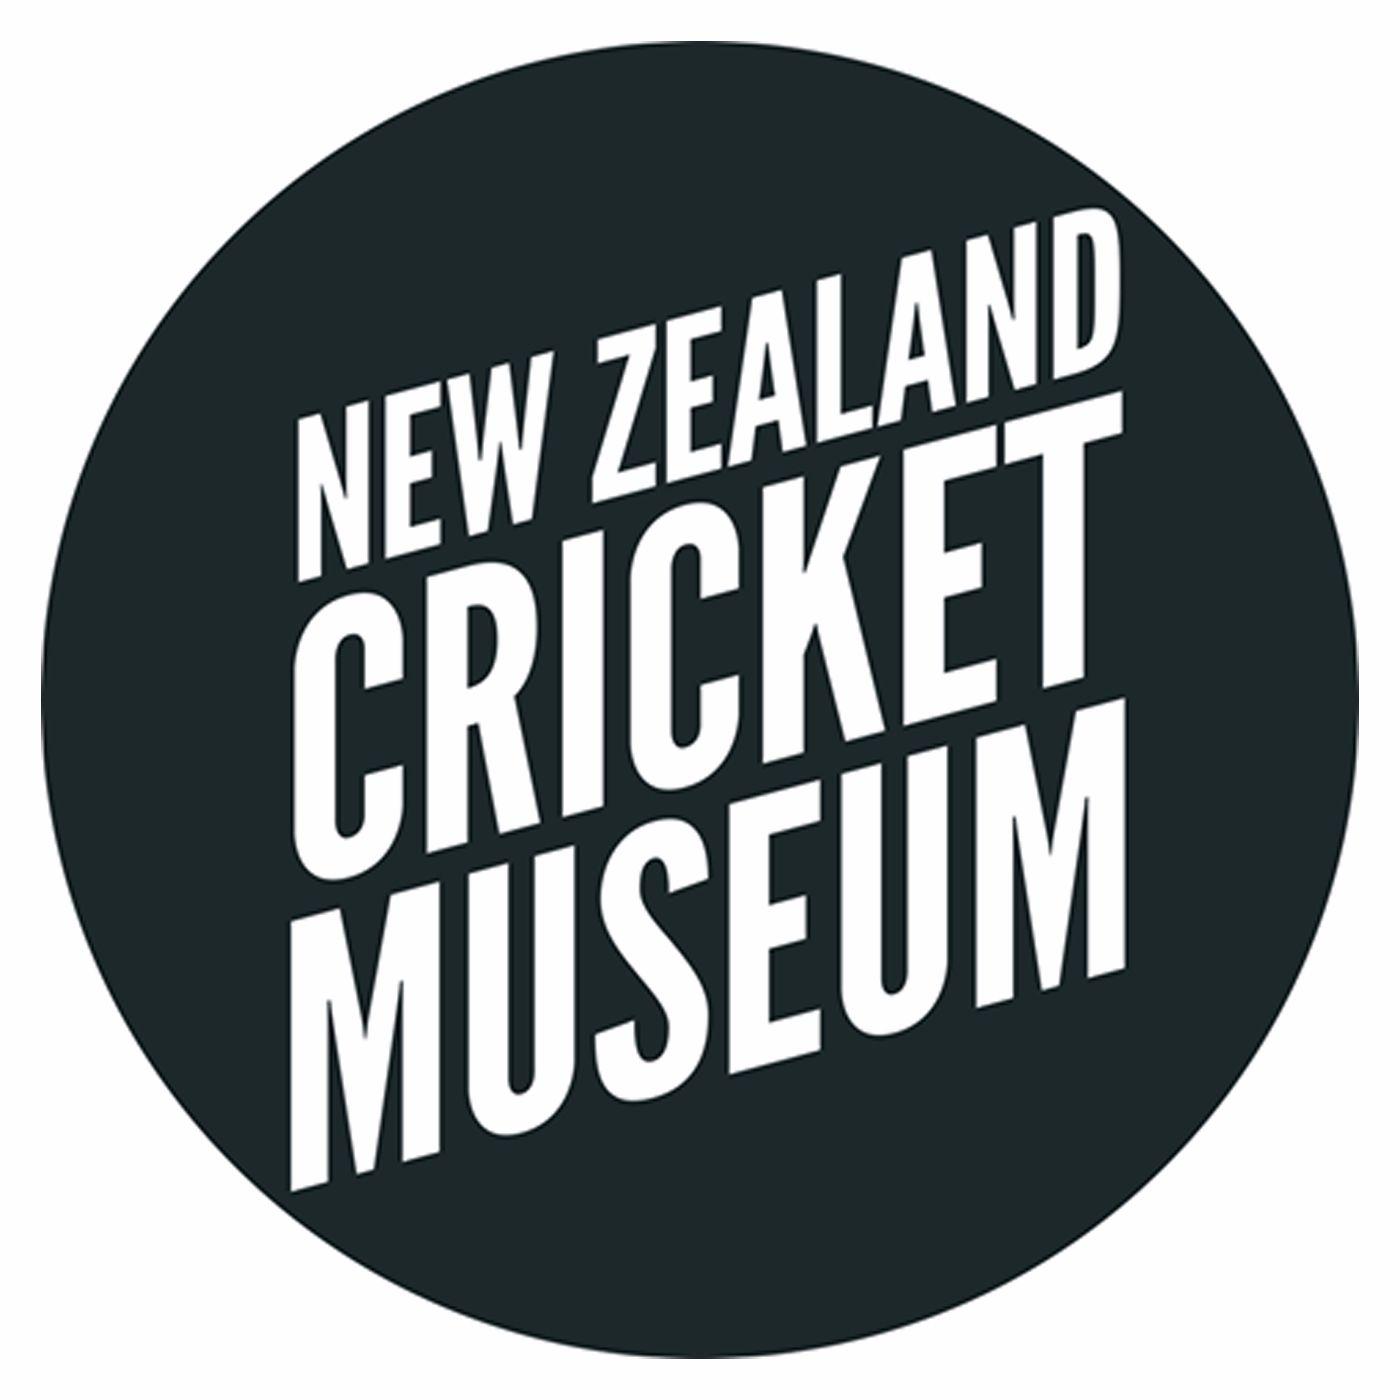 NZ Cricket Museum